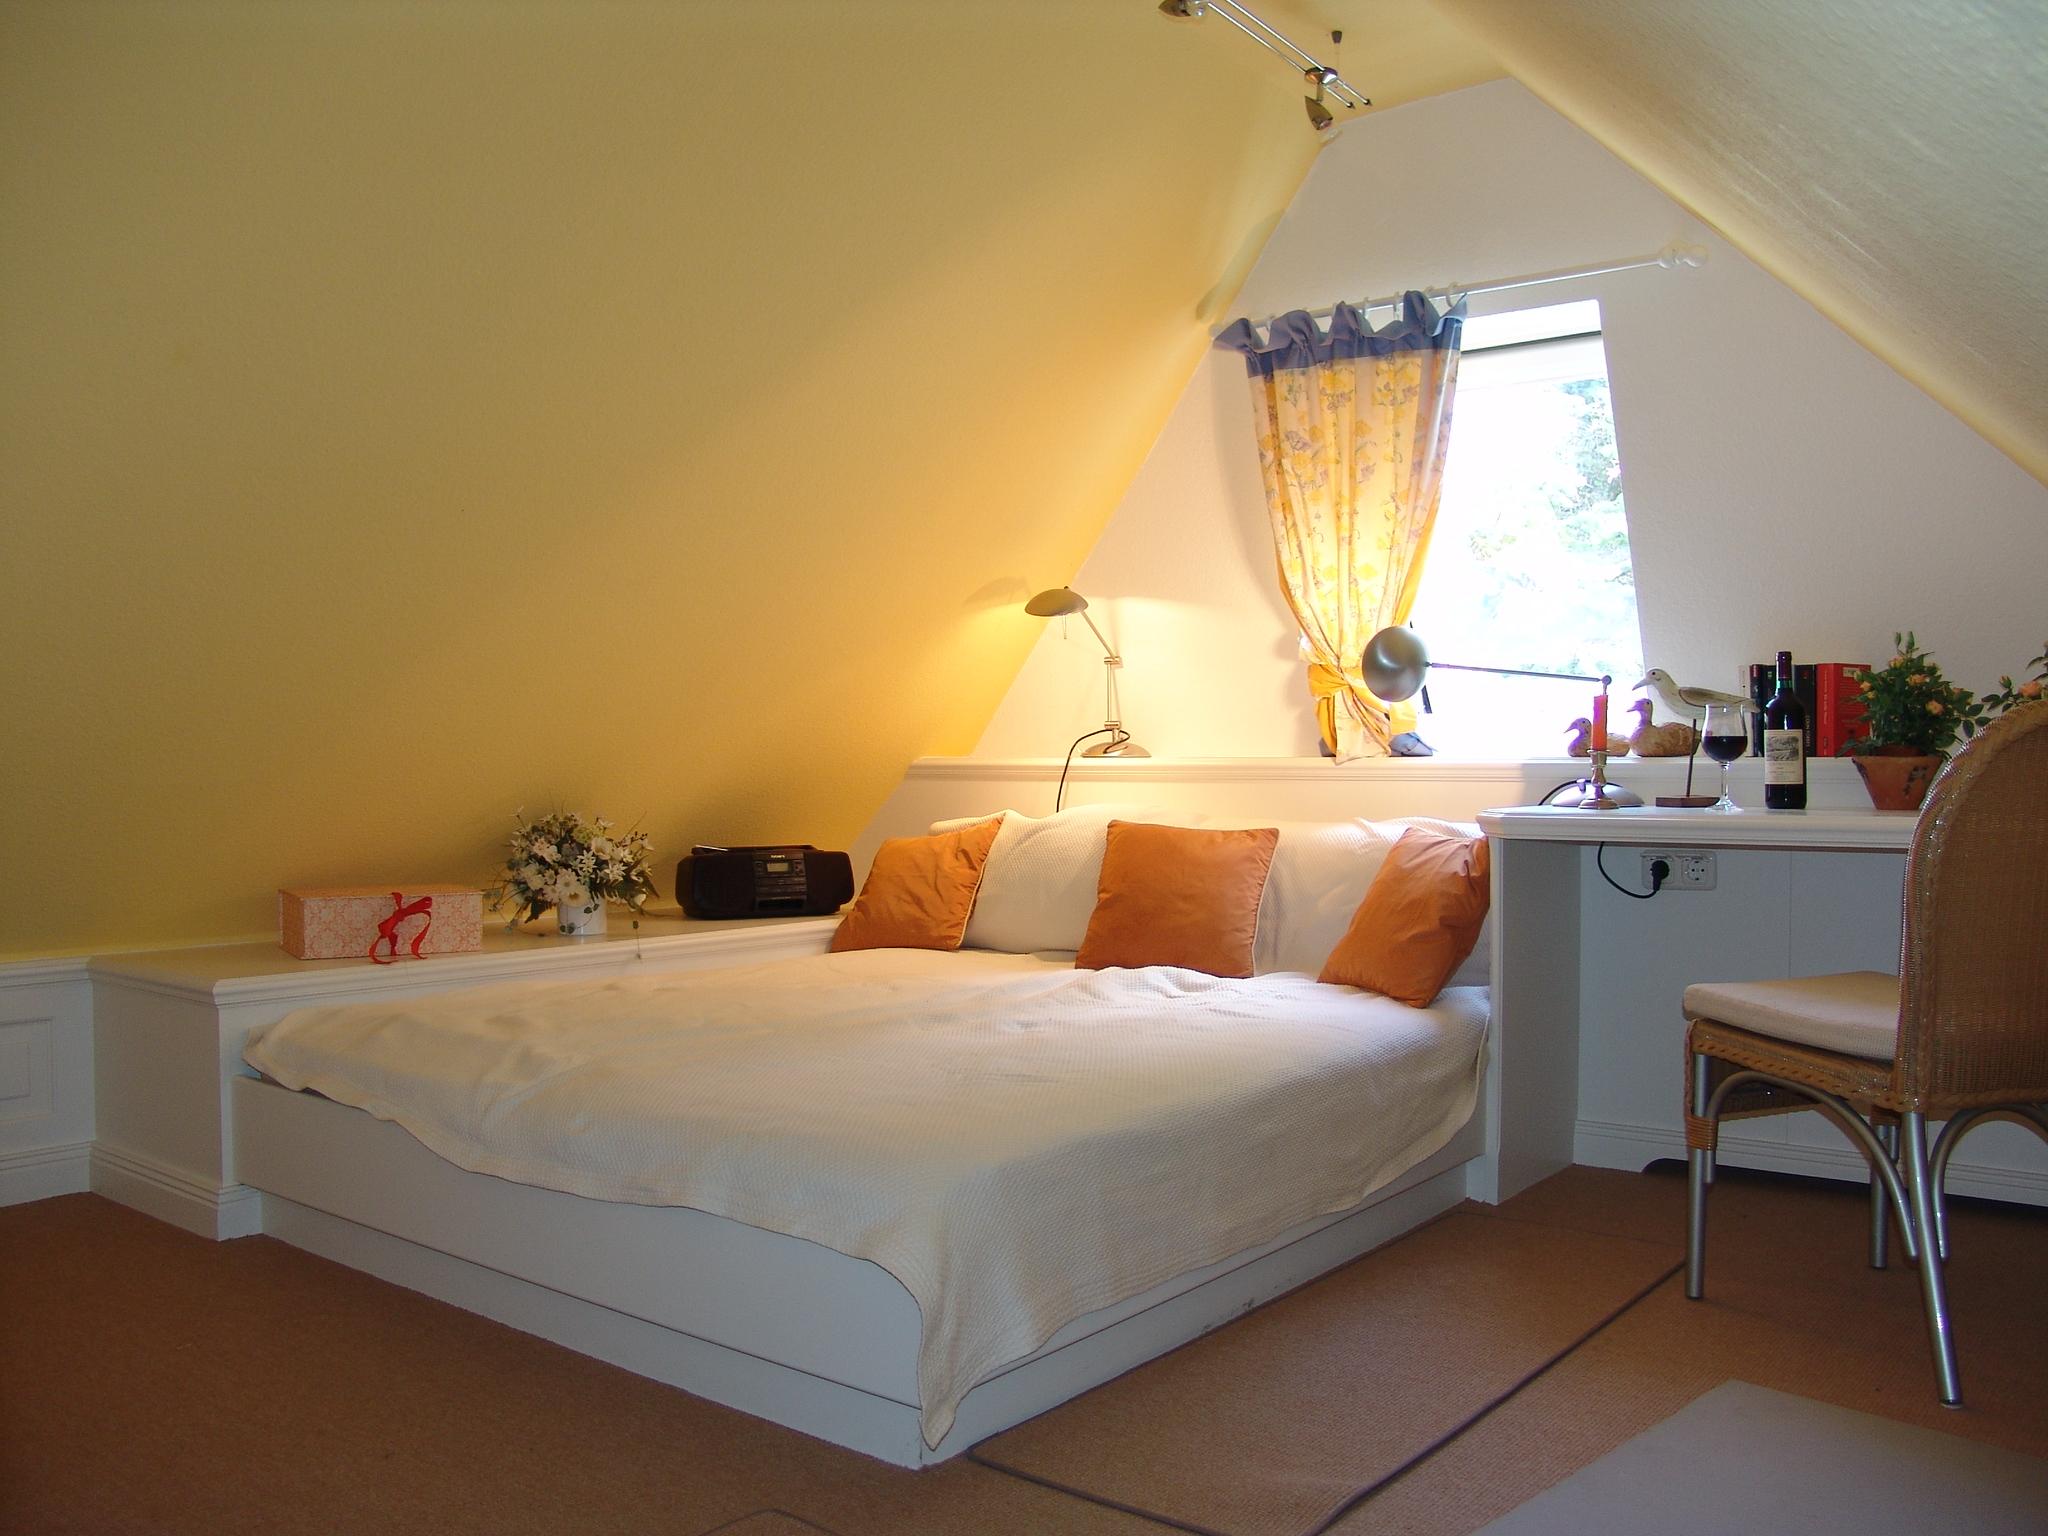 dachgeschoss kinderfreundliches ferienhaus auf sylt. Black Bedroom Furniture Sets. Home Design Ideas